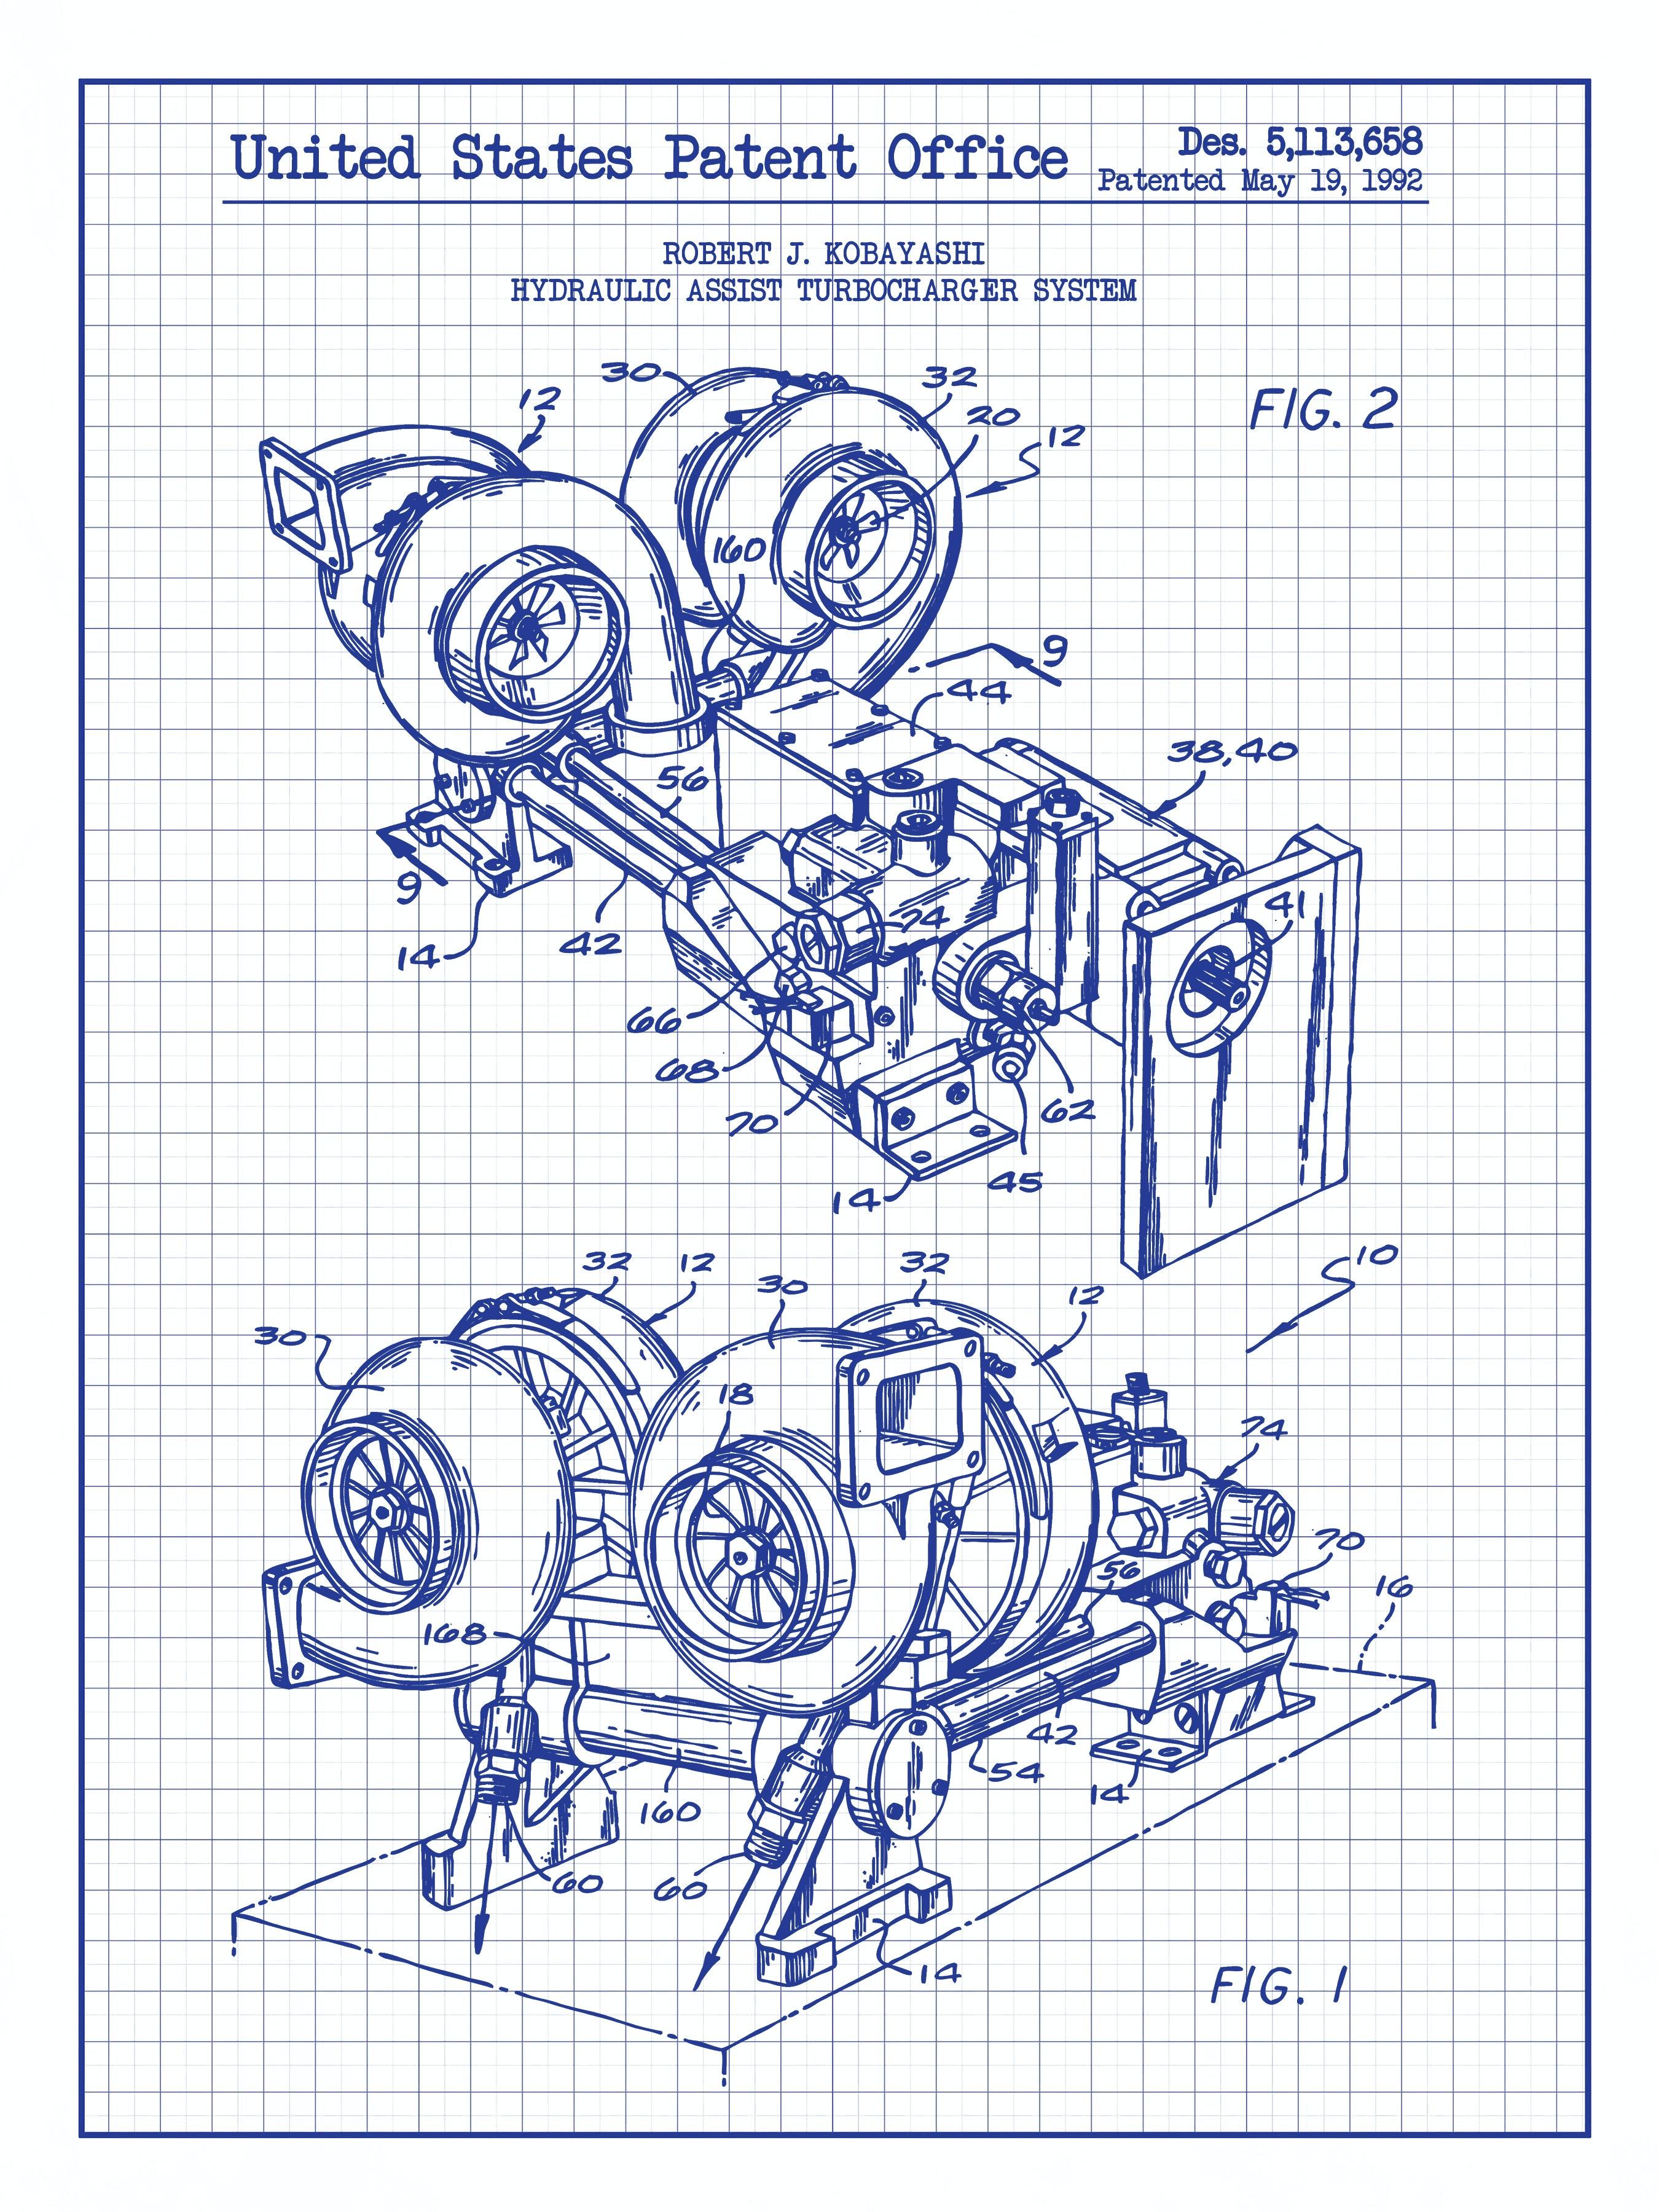 Hydraulic Assist Turbocharger System